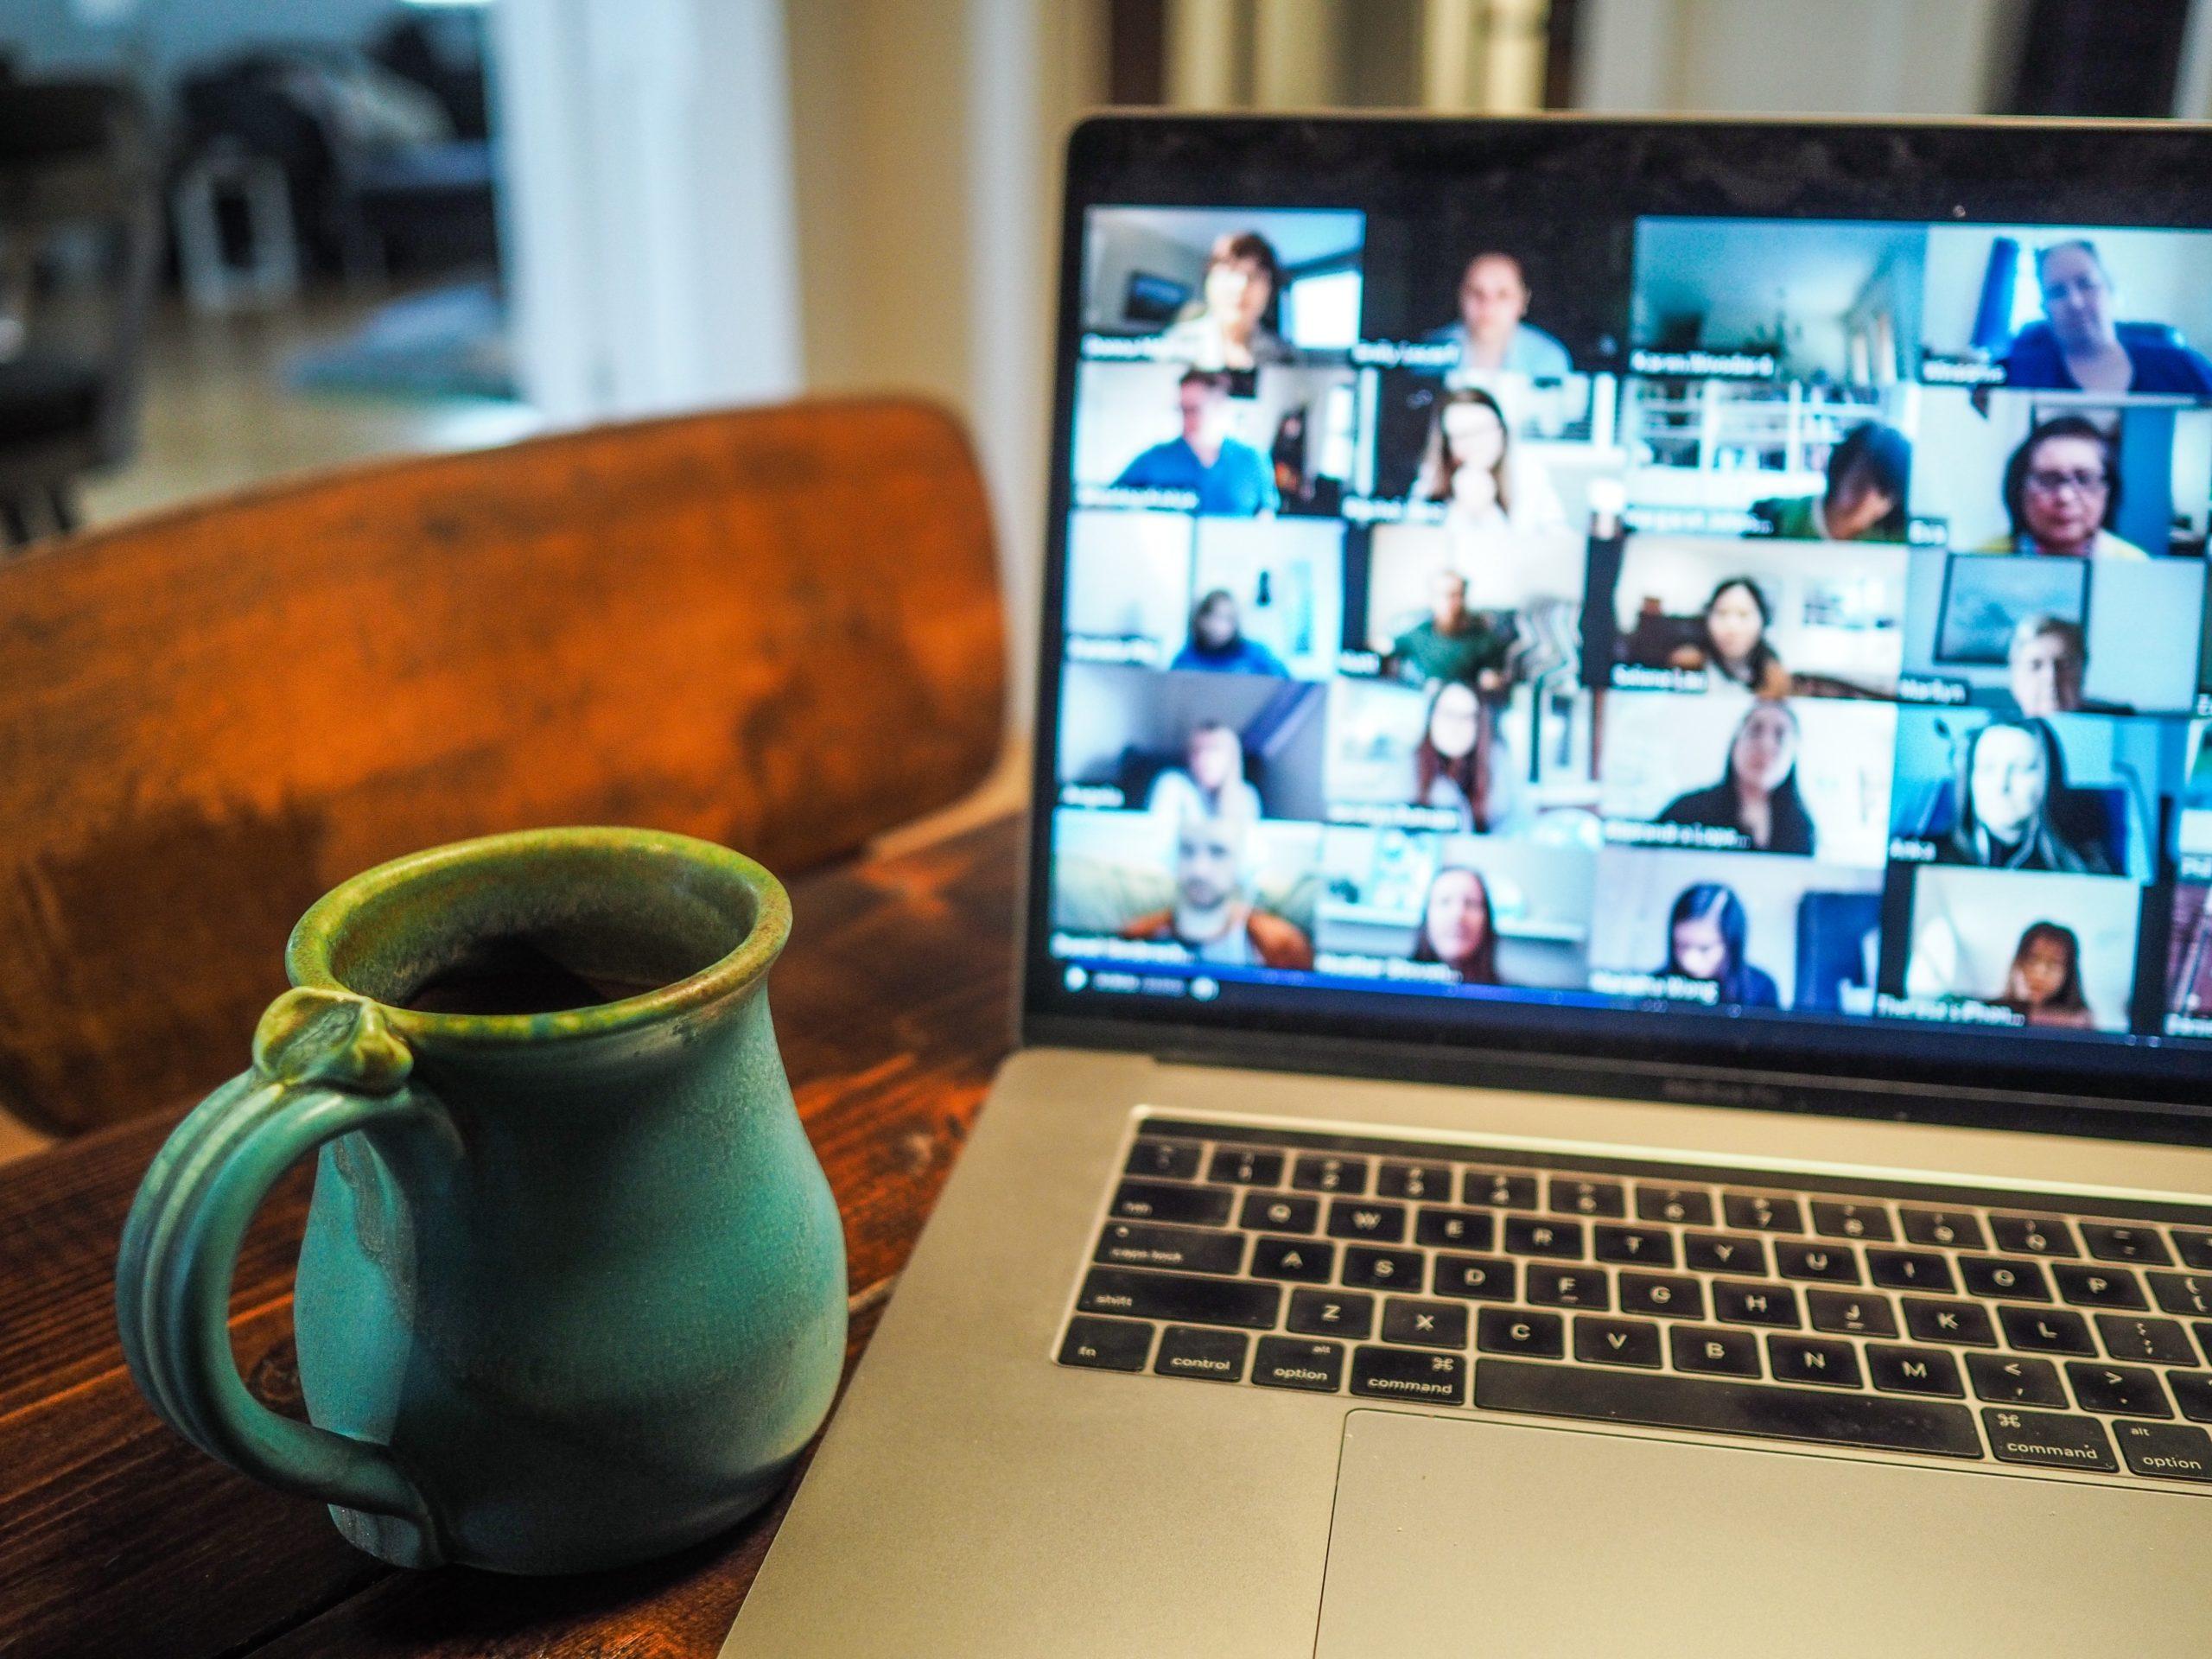 Cómo hacer presentaciones virtuales y no morir en el intento